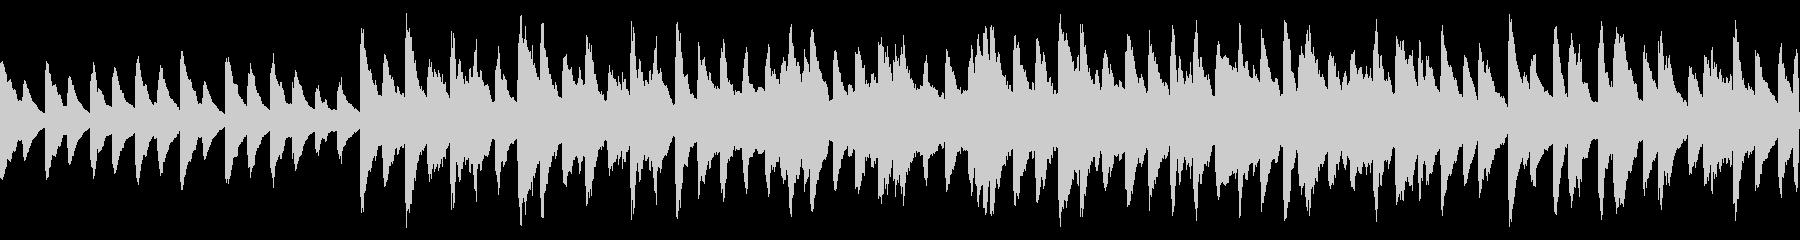 残響感のあるバラード曲(ループ仕様)の未再生の波形